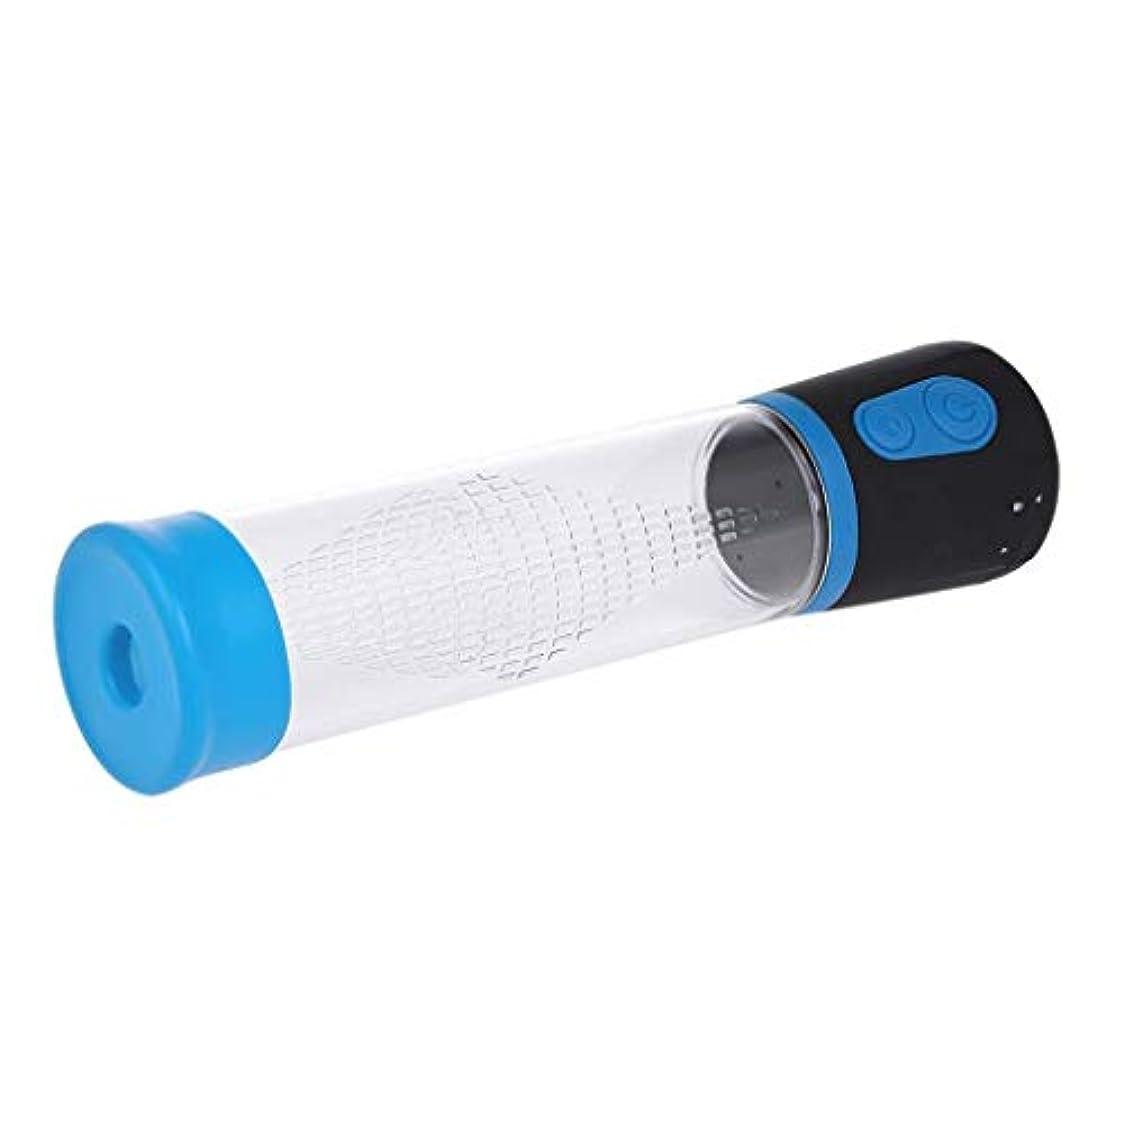 浮く二十アスペクト人のための防水高級電気ポンプポンプセットエンハンサーデバイスマッサージャー